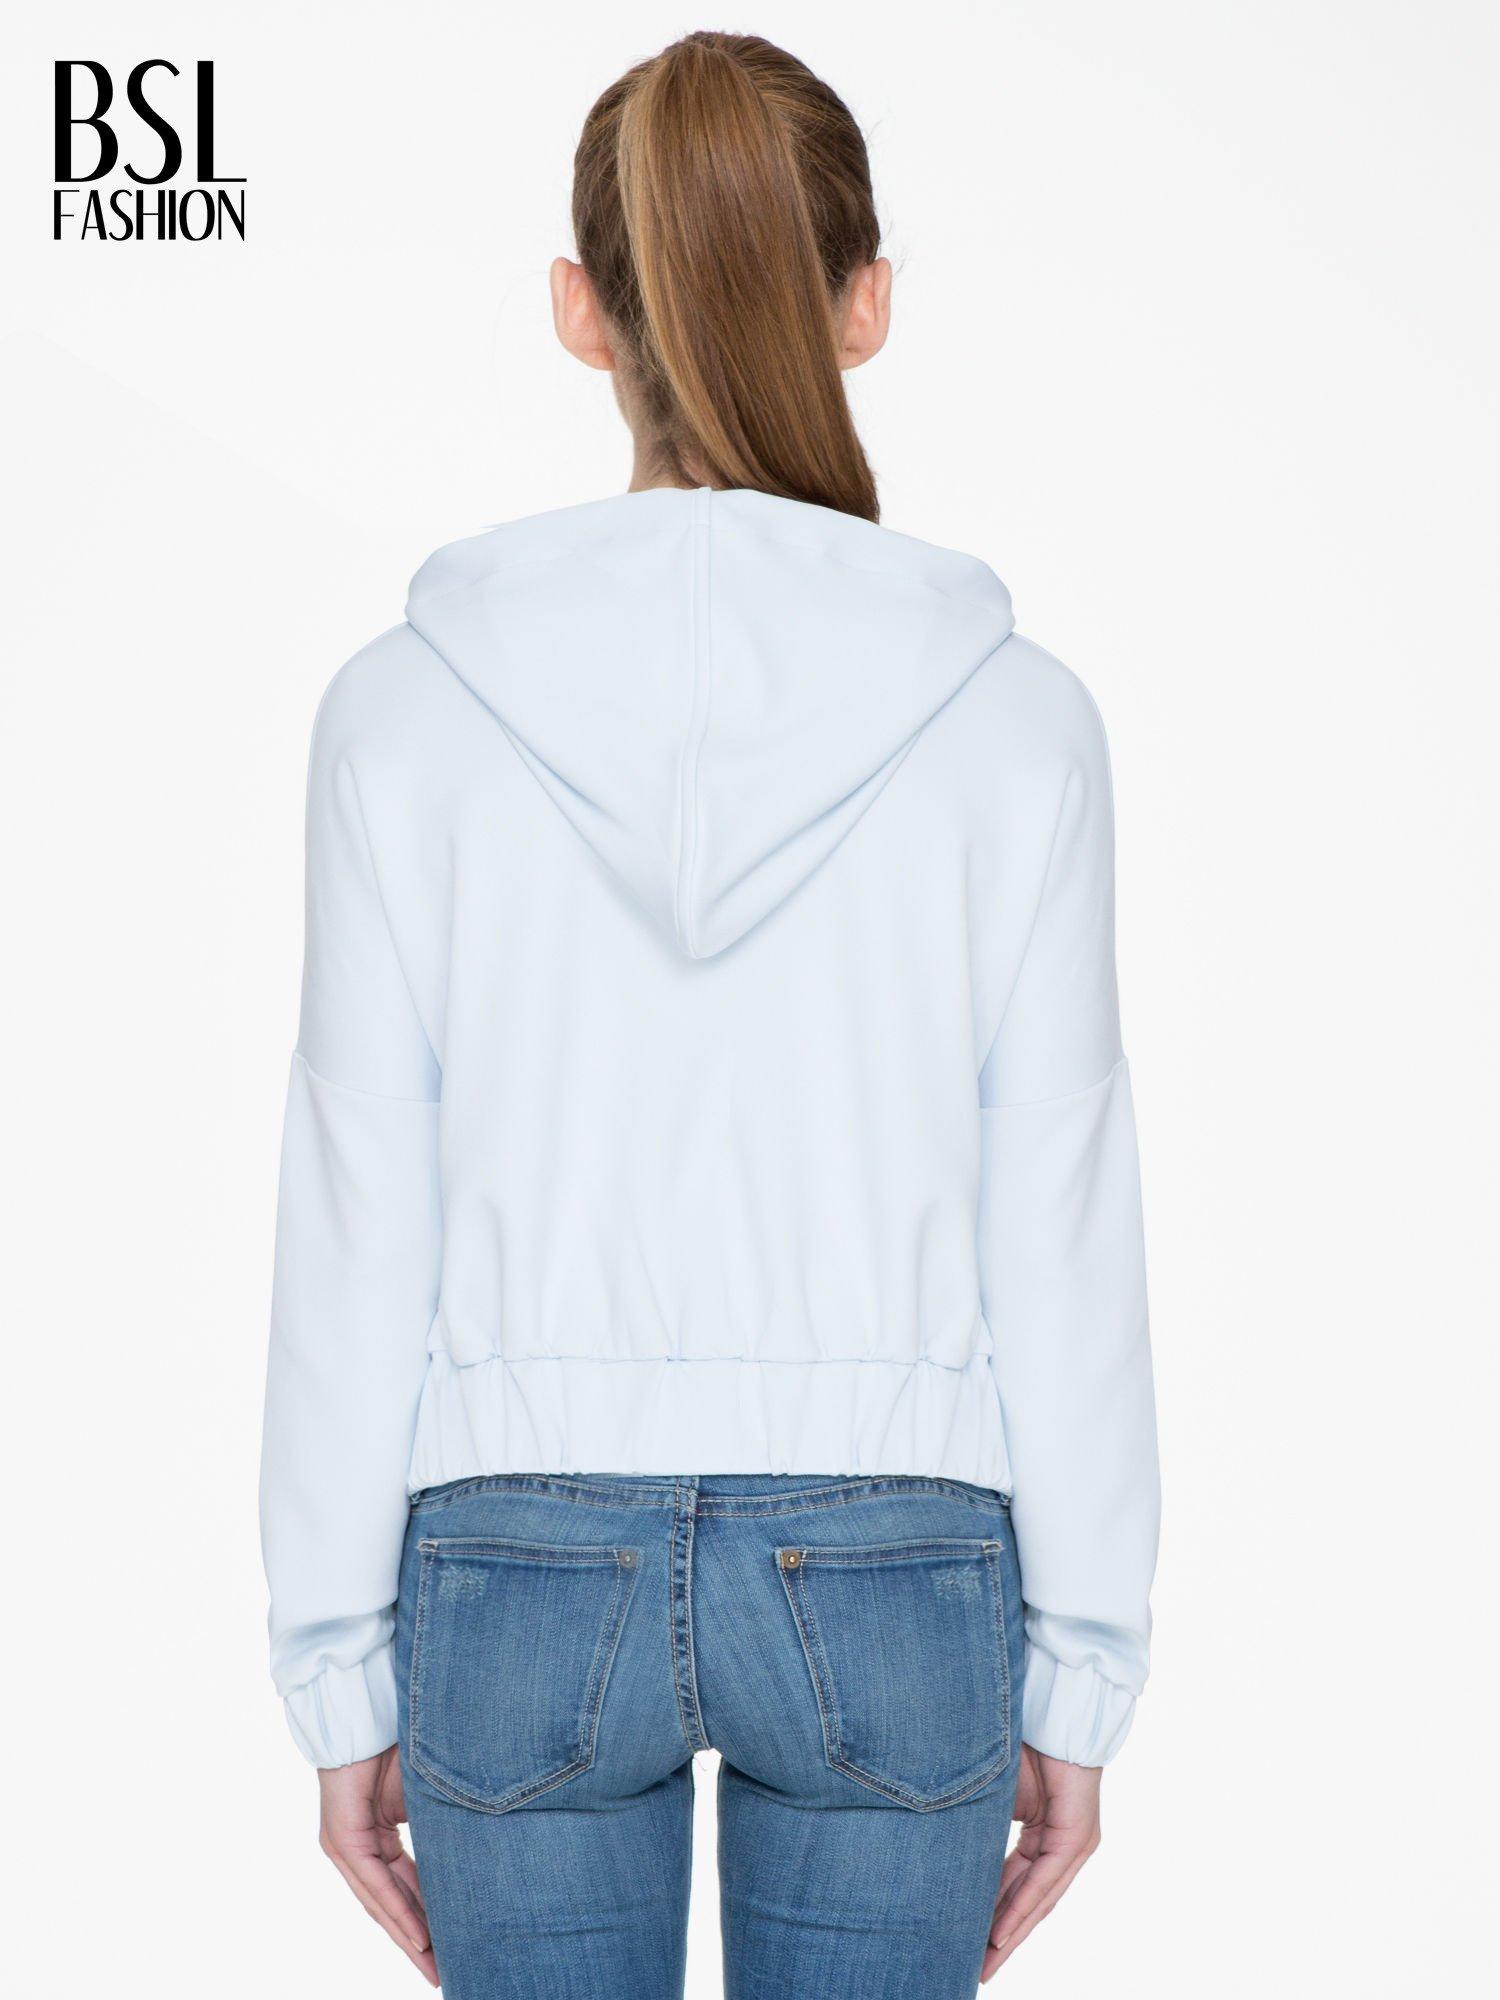 Jasnoniebieska bluza z kapturem o nietoperzowym kroju                                  zdj.                                  4